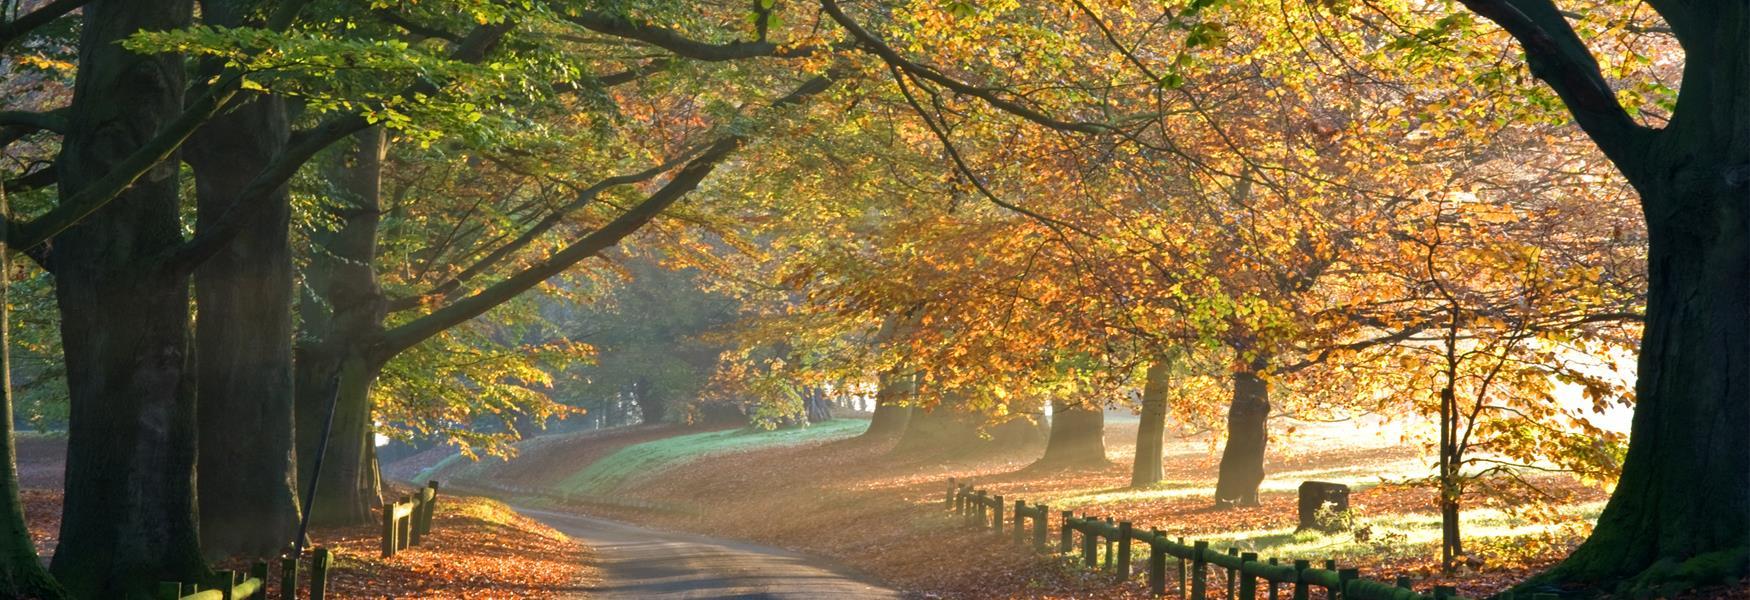 Mote Park in Autumn